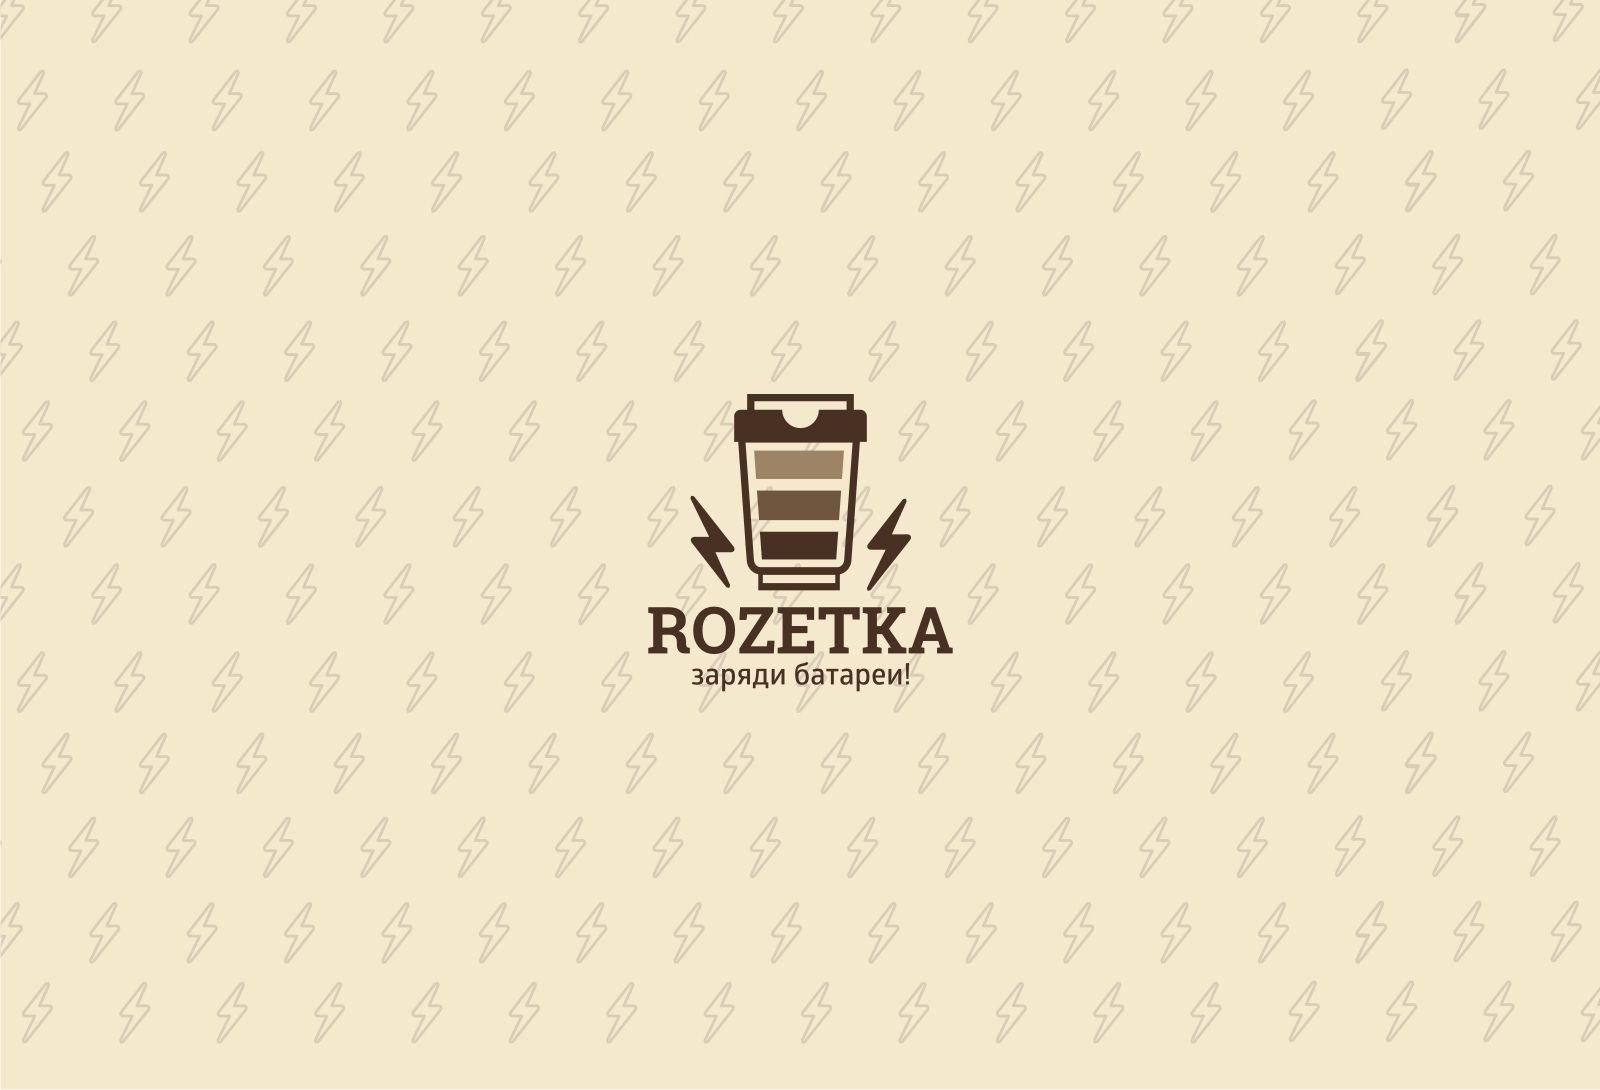 Логотип+Дизайн фирменного стиля для кофейни  - дизайнер simohayha